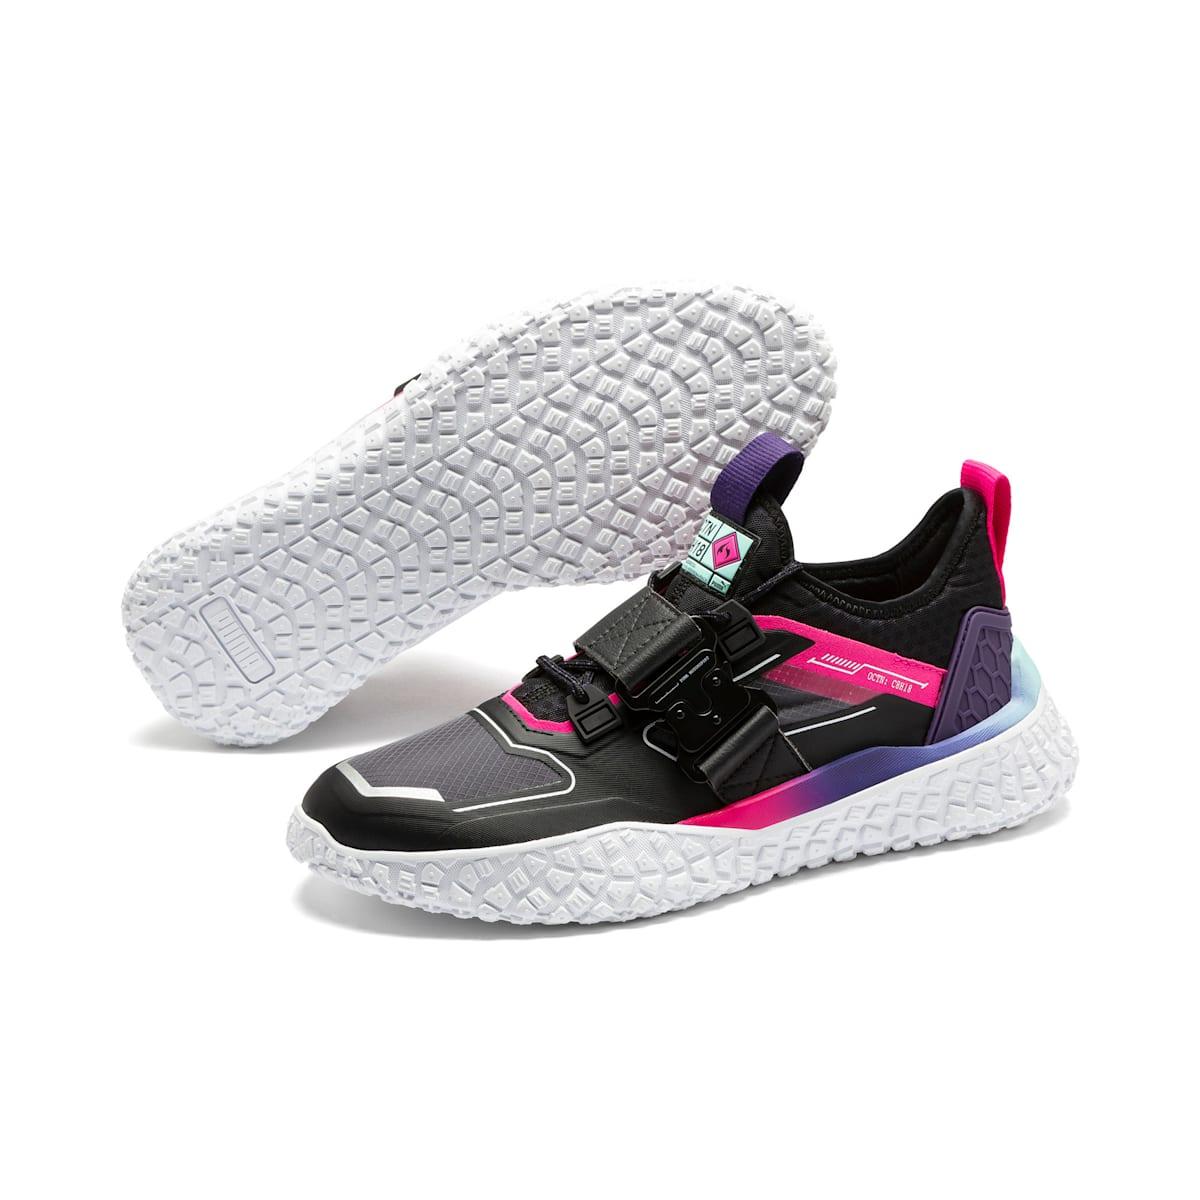 彪马与《极品飞车21》推出联名训练鞋 售价1087元